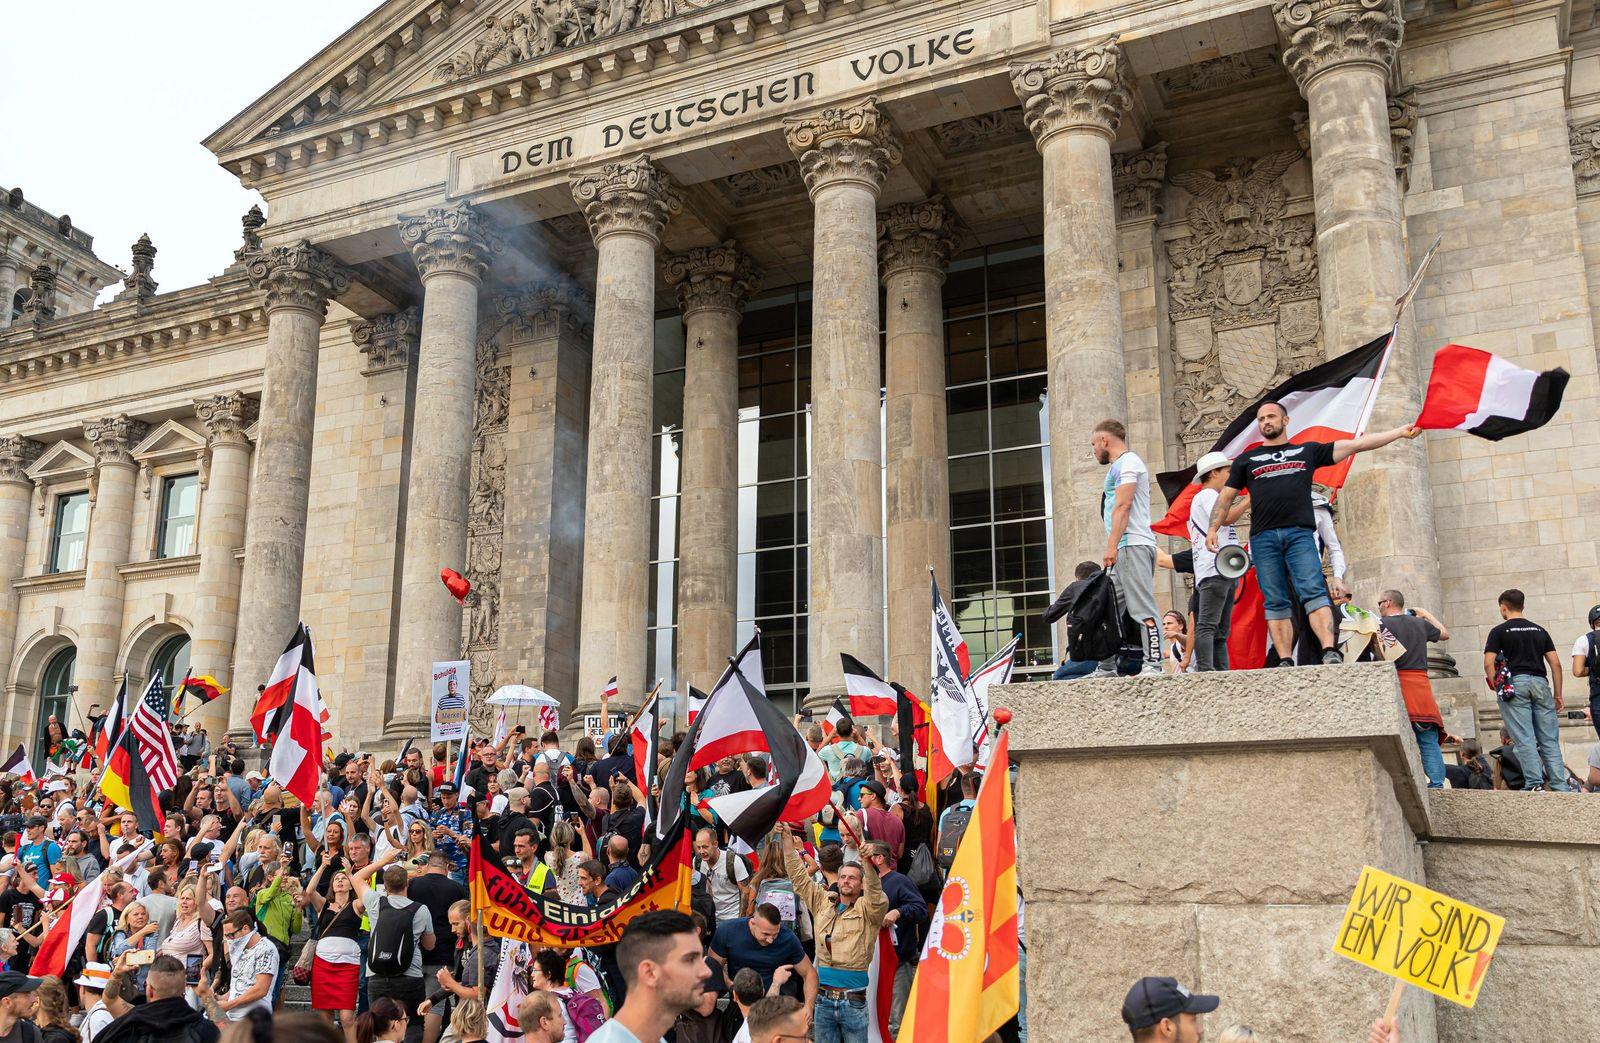 Protest auf der Treppe zum Reichstagsgebäude